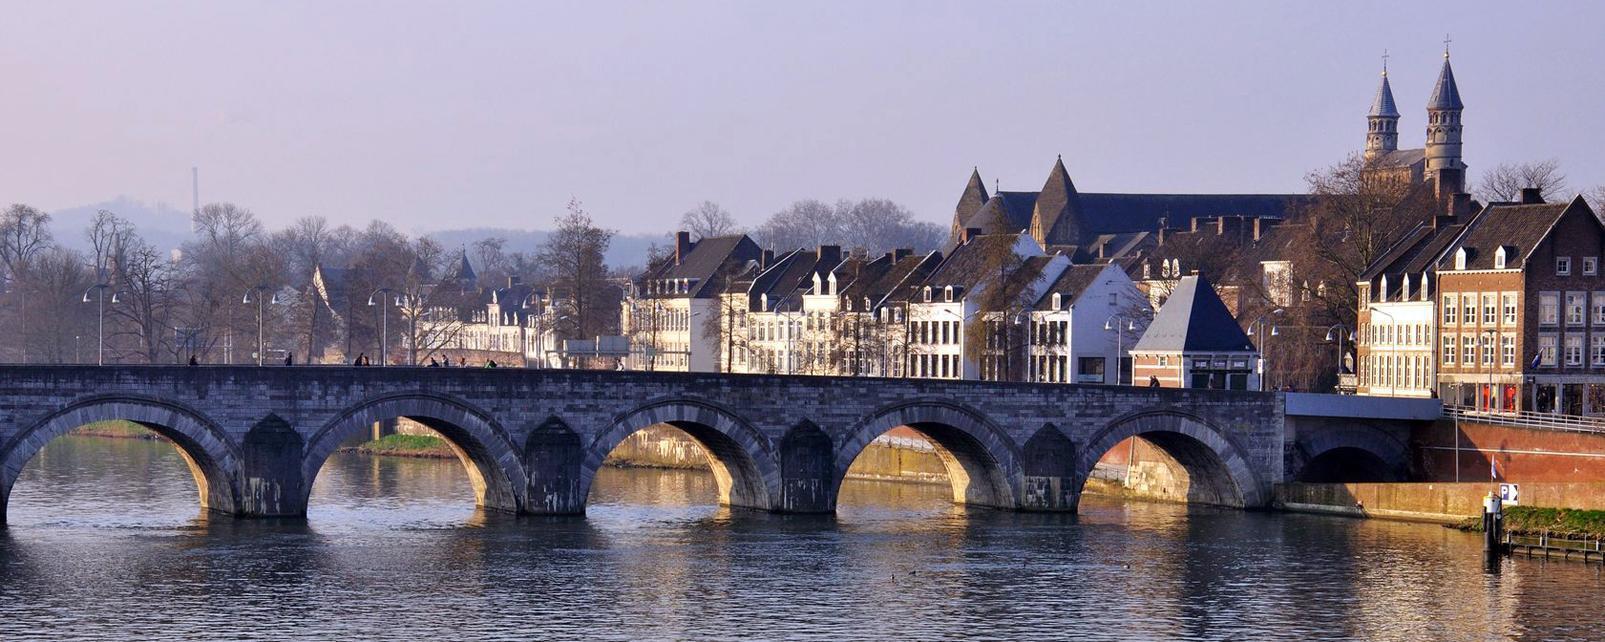 Wettervorhersage Maastricht in November